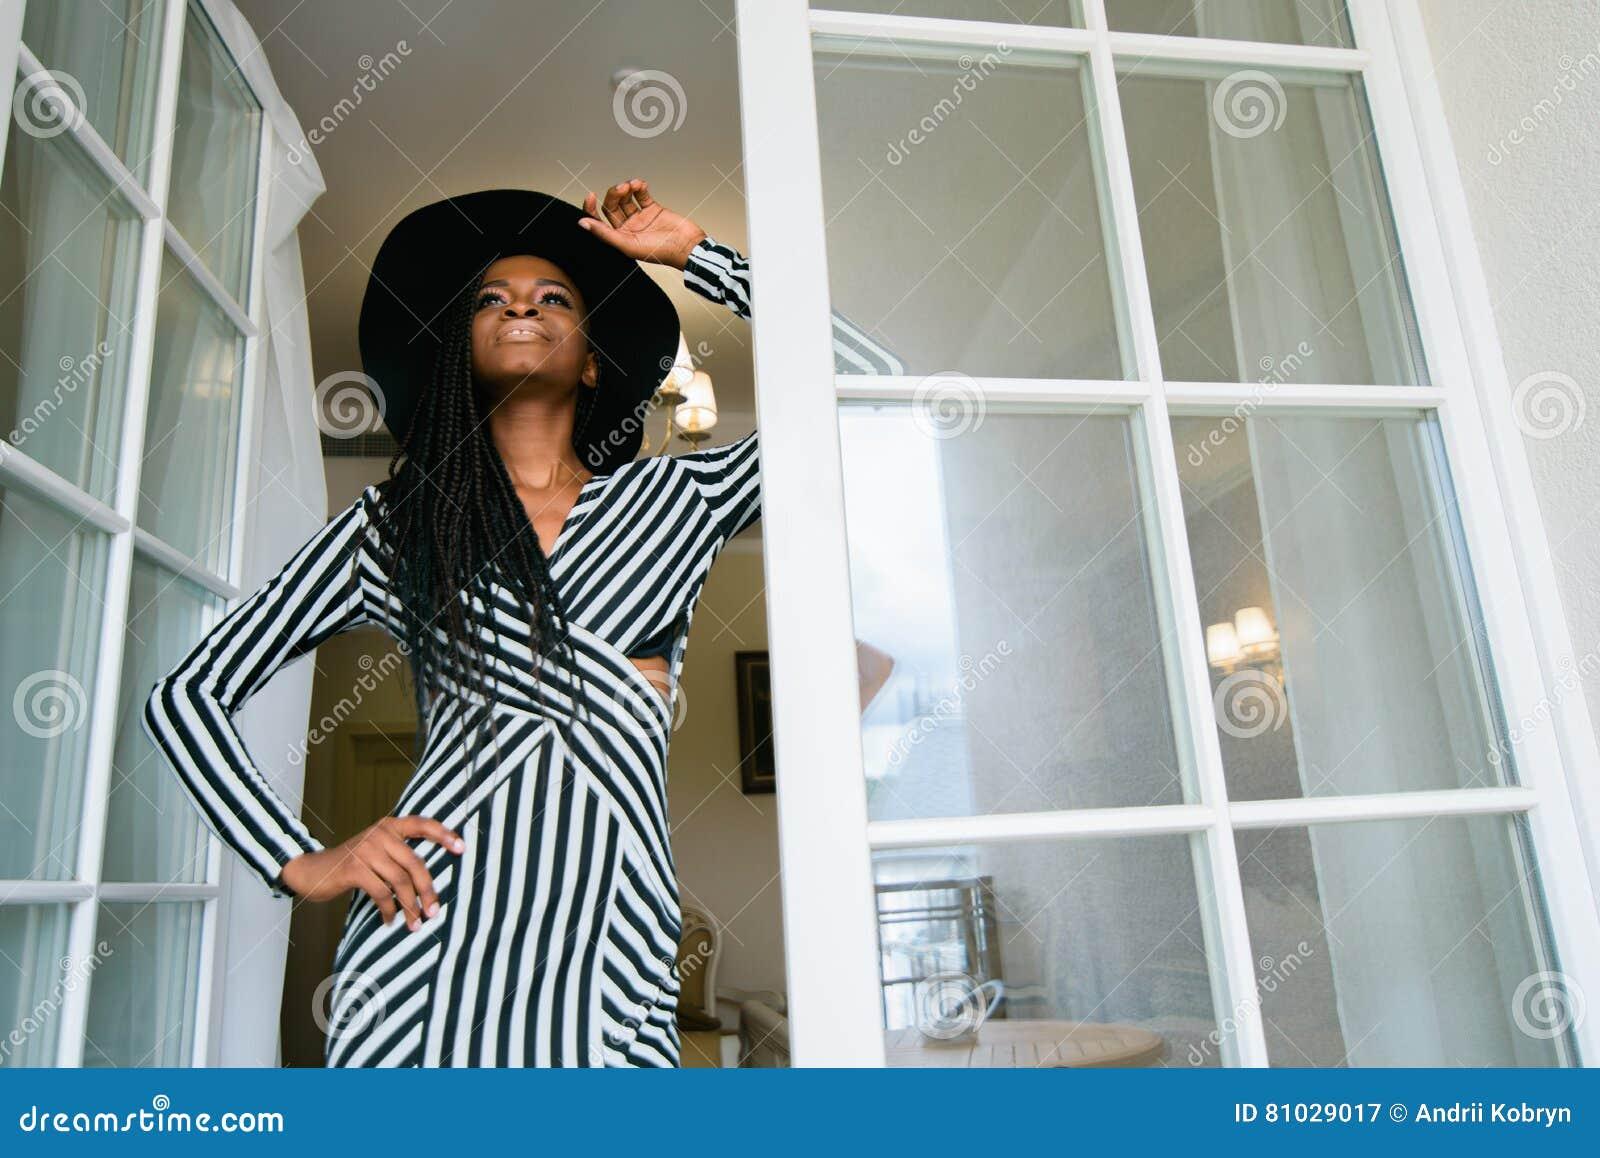 bezaubern, berühren, angebot, tragendes kleid der schönen